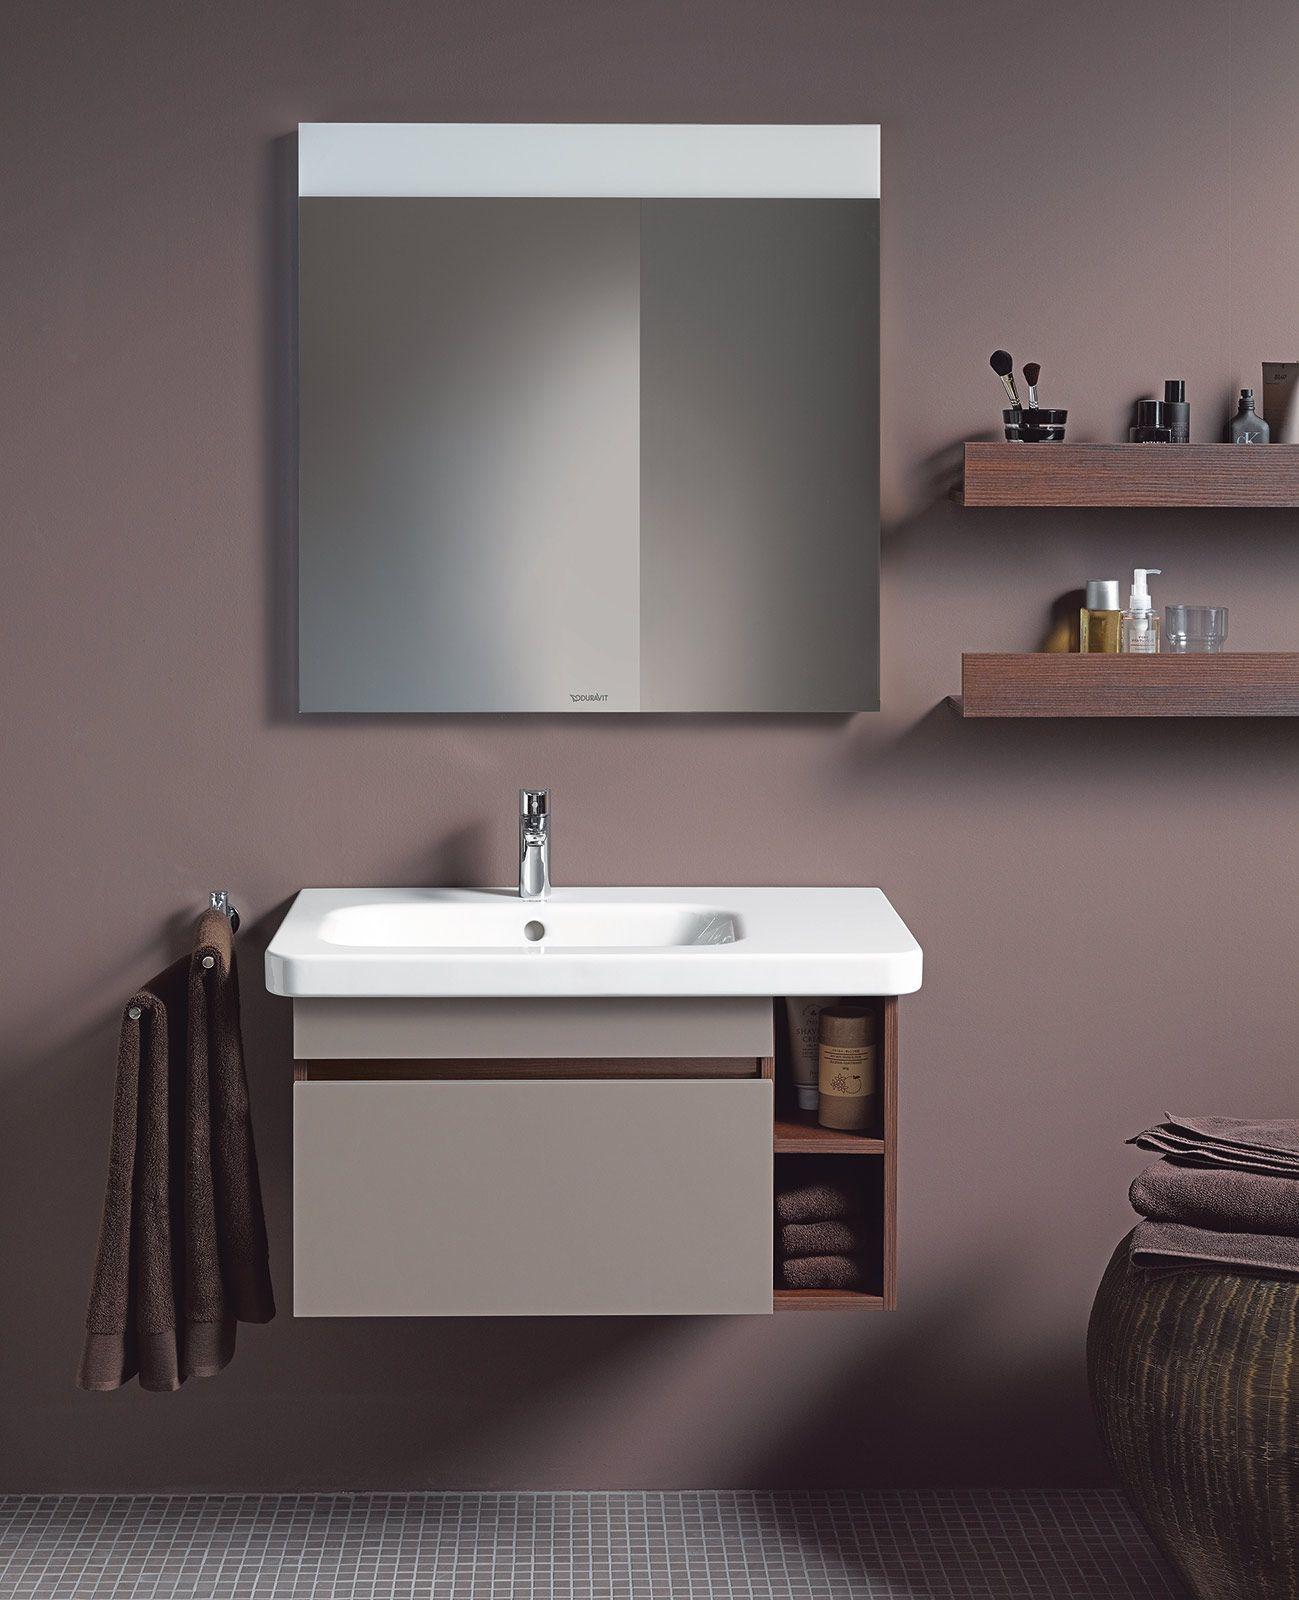 Mobili Bagni Moderni Ikea.Mobili Bagno Ikea Sospesi Cerca Con Google Design Del Bagno